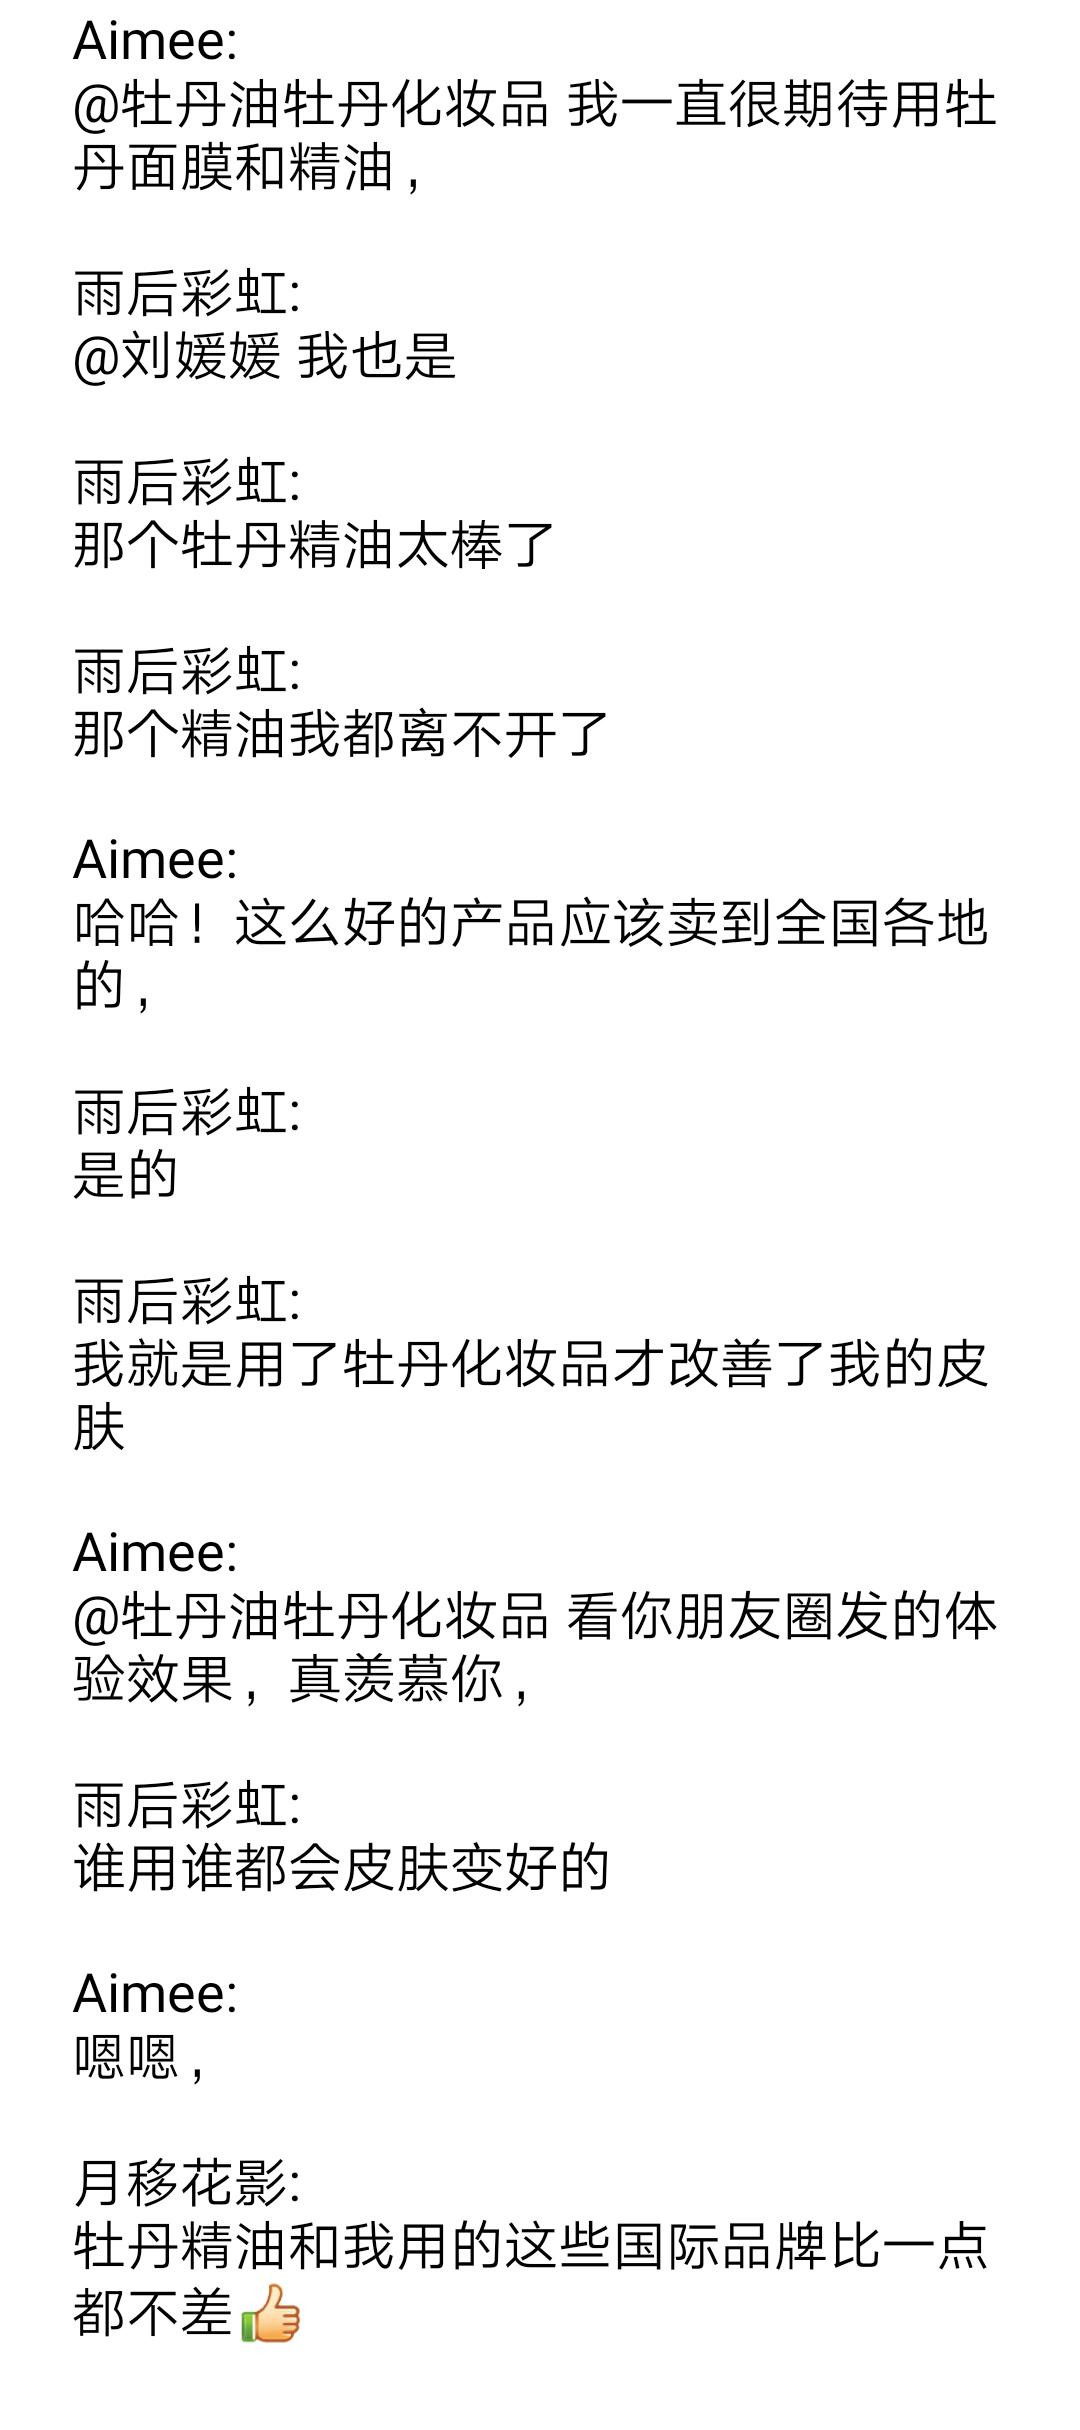 """麟源牡丹商学院于12月1号晚8点举办了""""抢红包送福利,欢乐红包雨""""运动"""